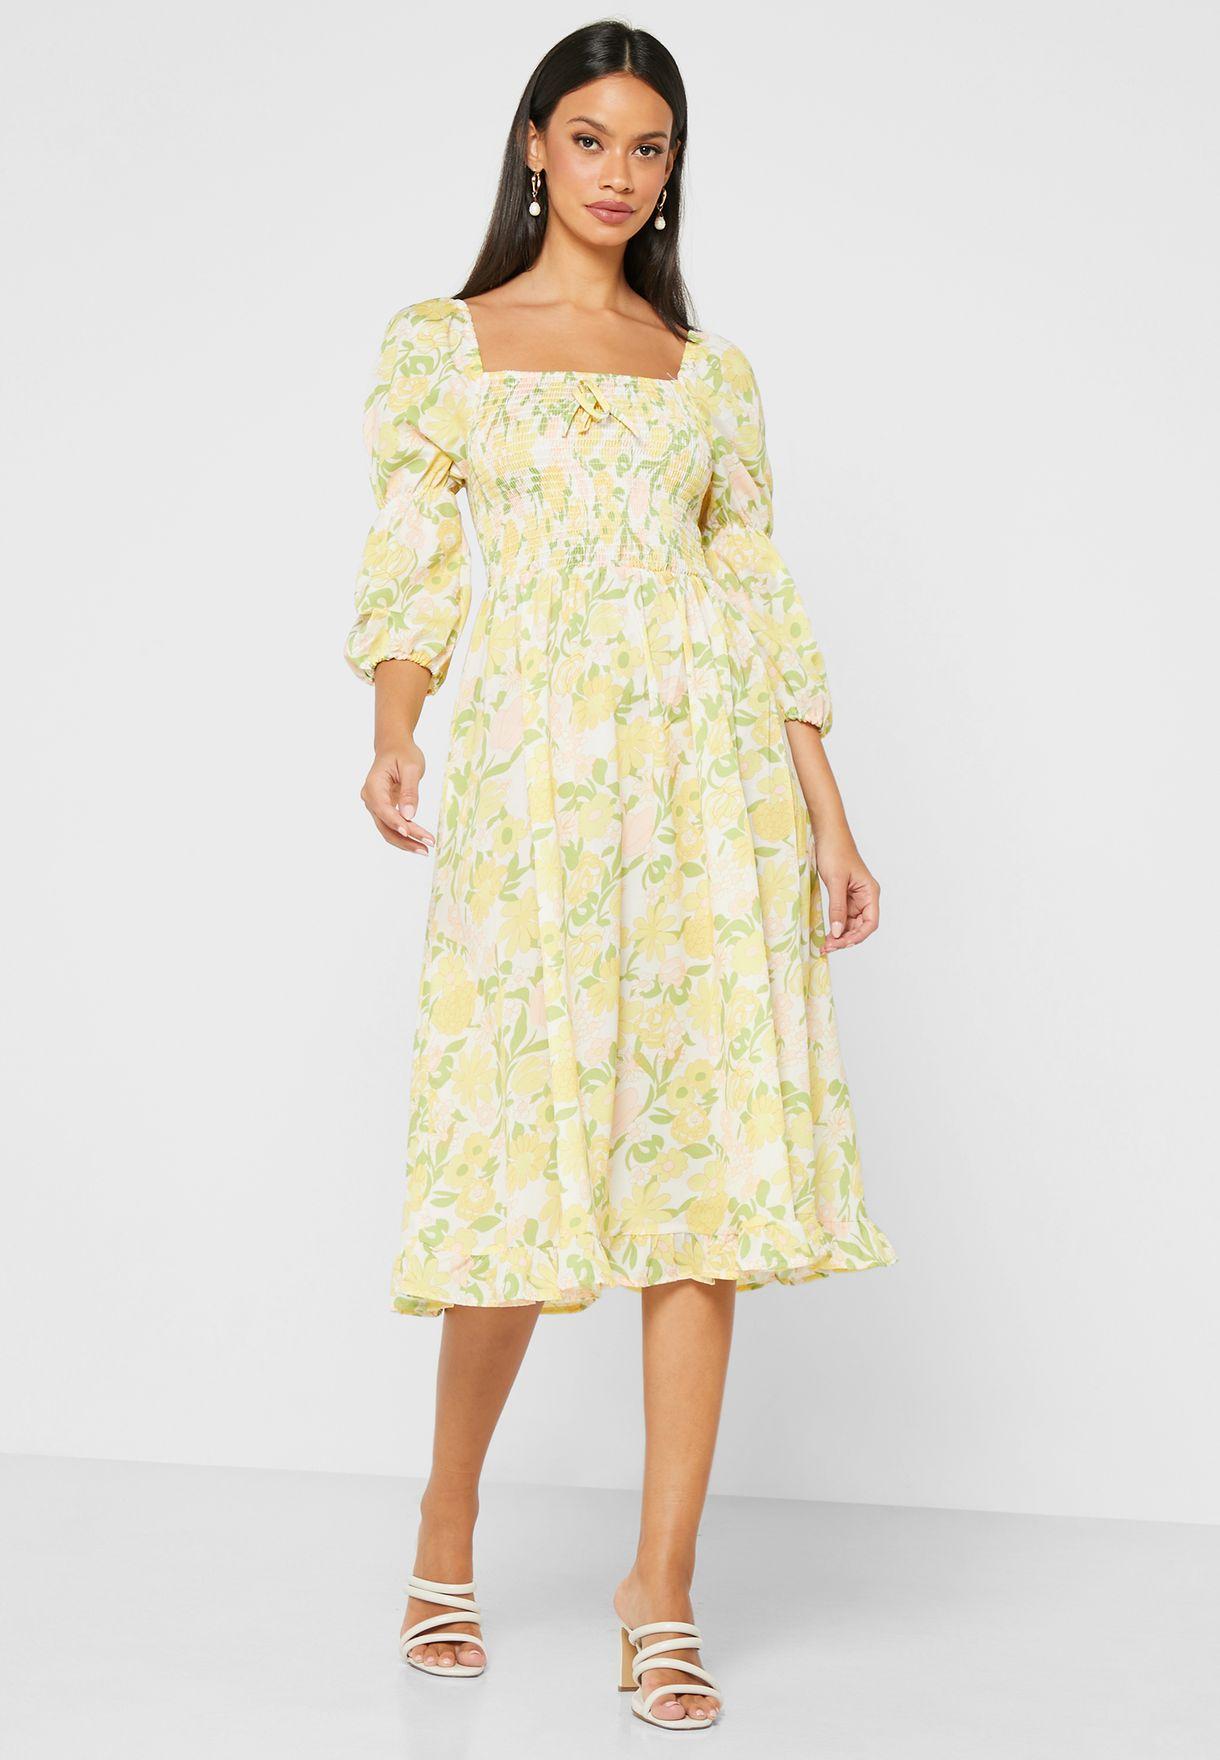 فستان ميدي بطبعات ازهار واجزاء مزمومة